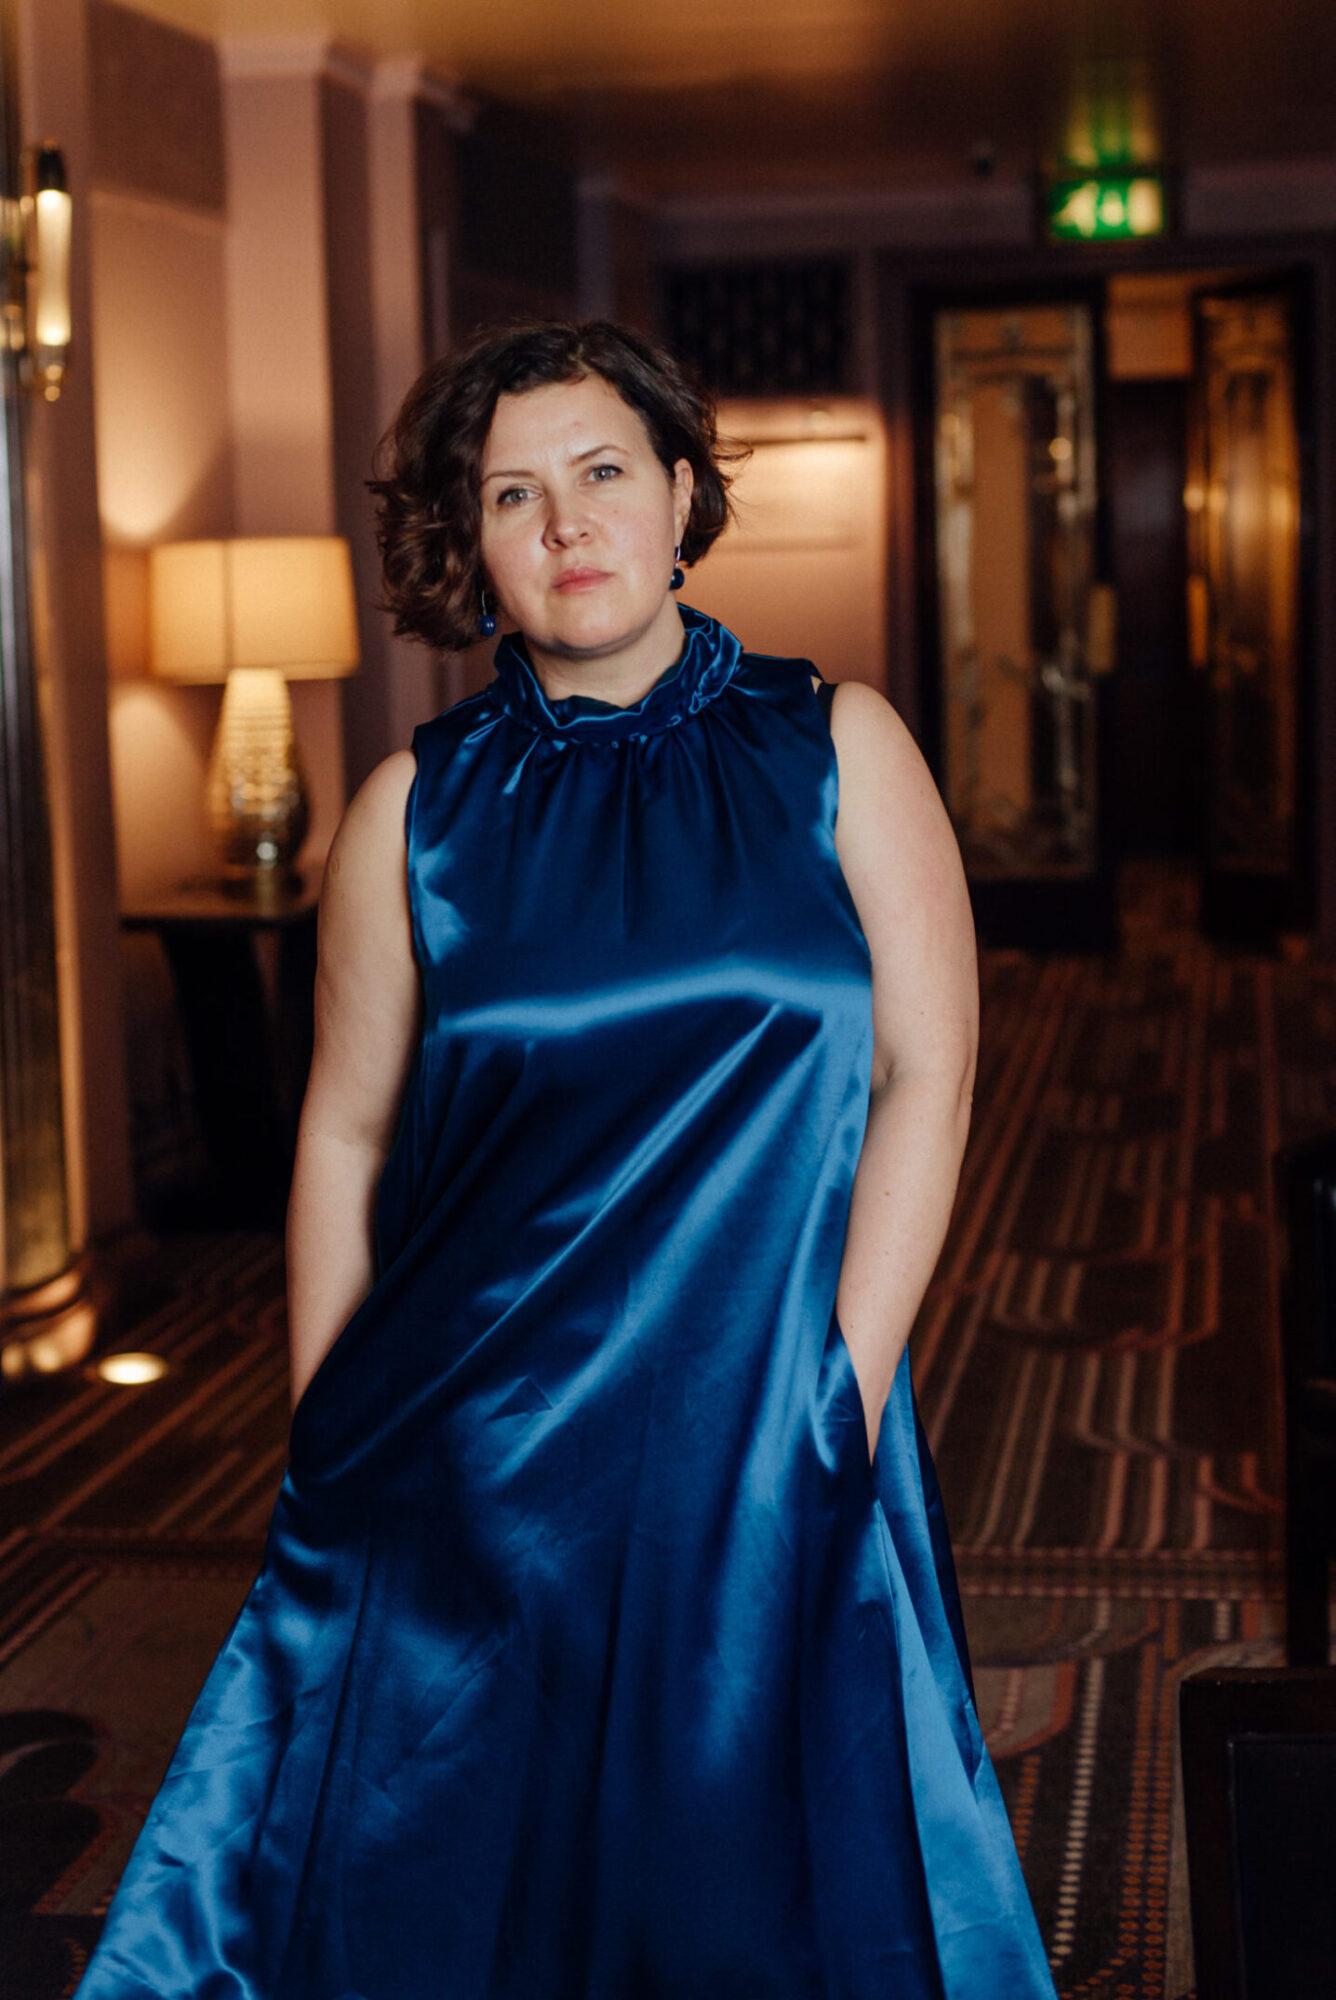 Elena Slatina / Photo: Olga Kotilevskaya